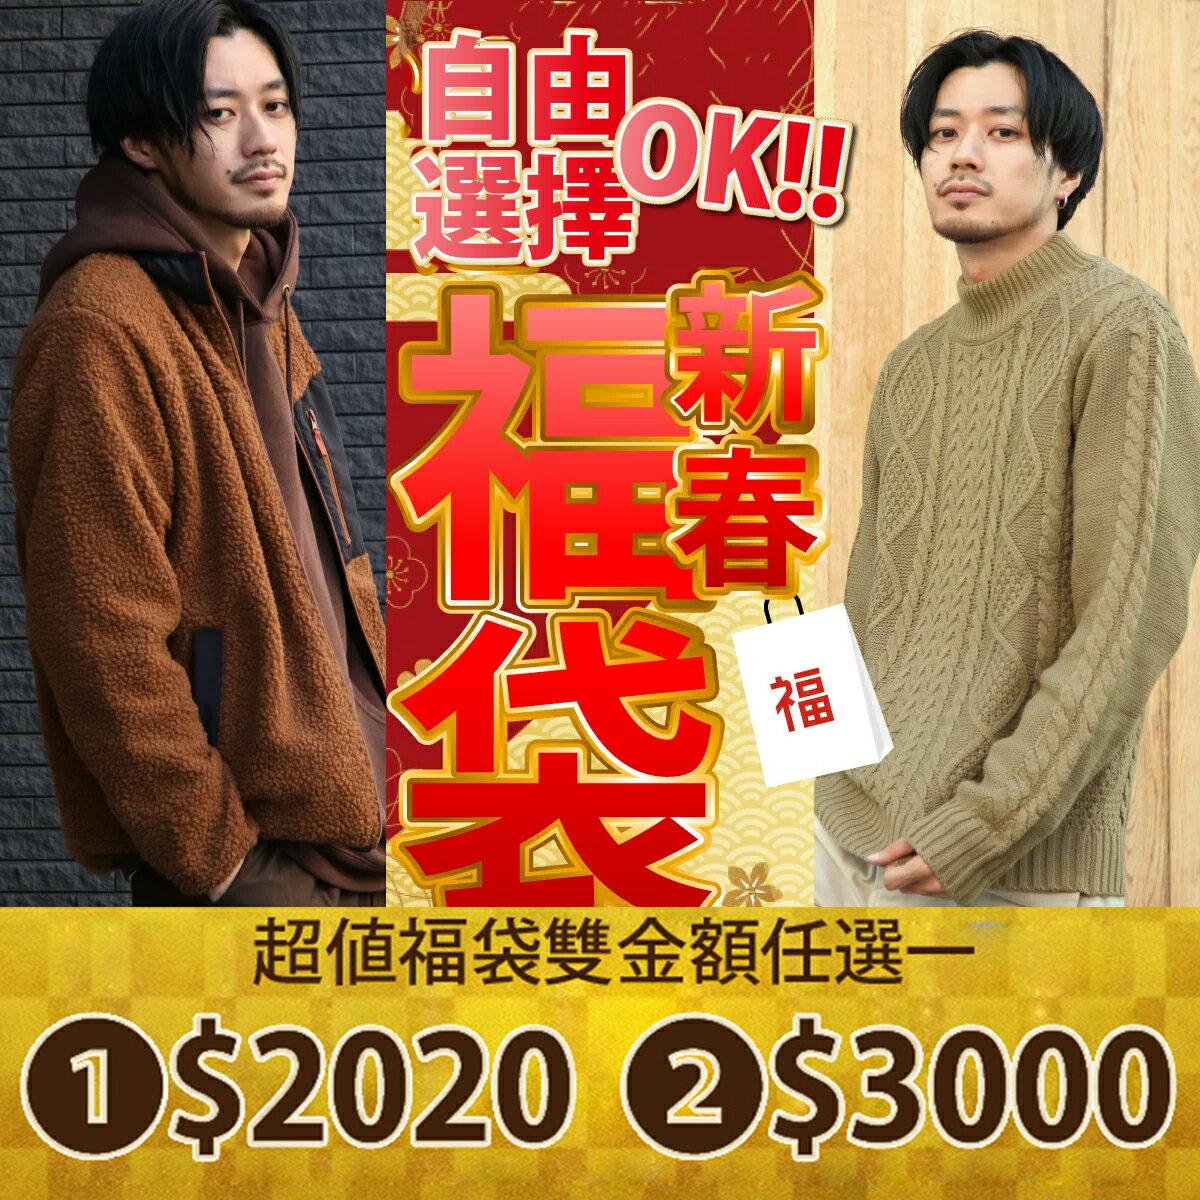 2020迎新年全新企劃福袋 -新春自由選【fukubag】 0